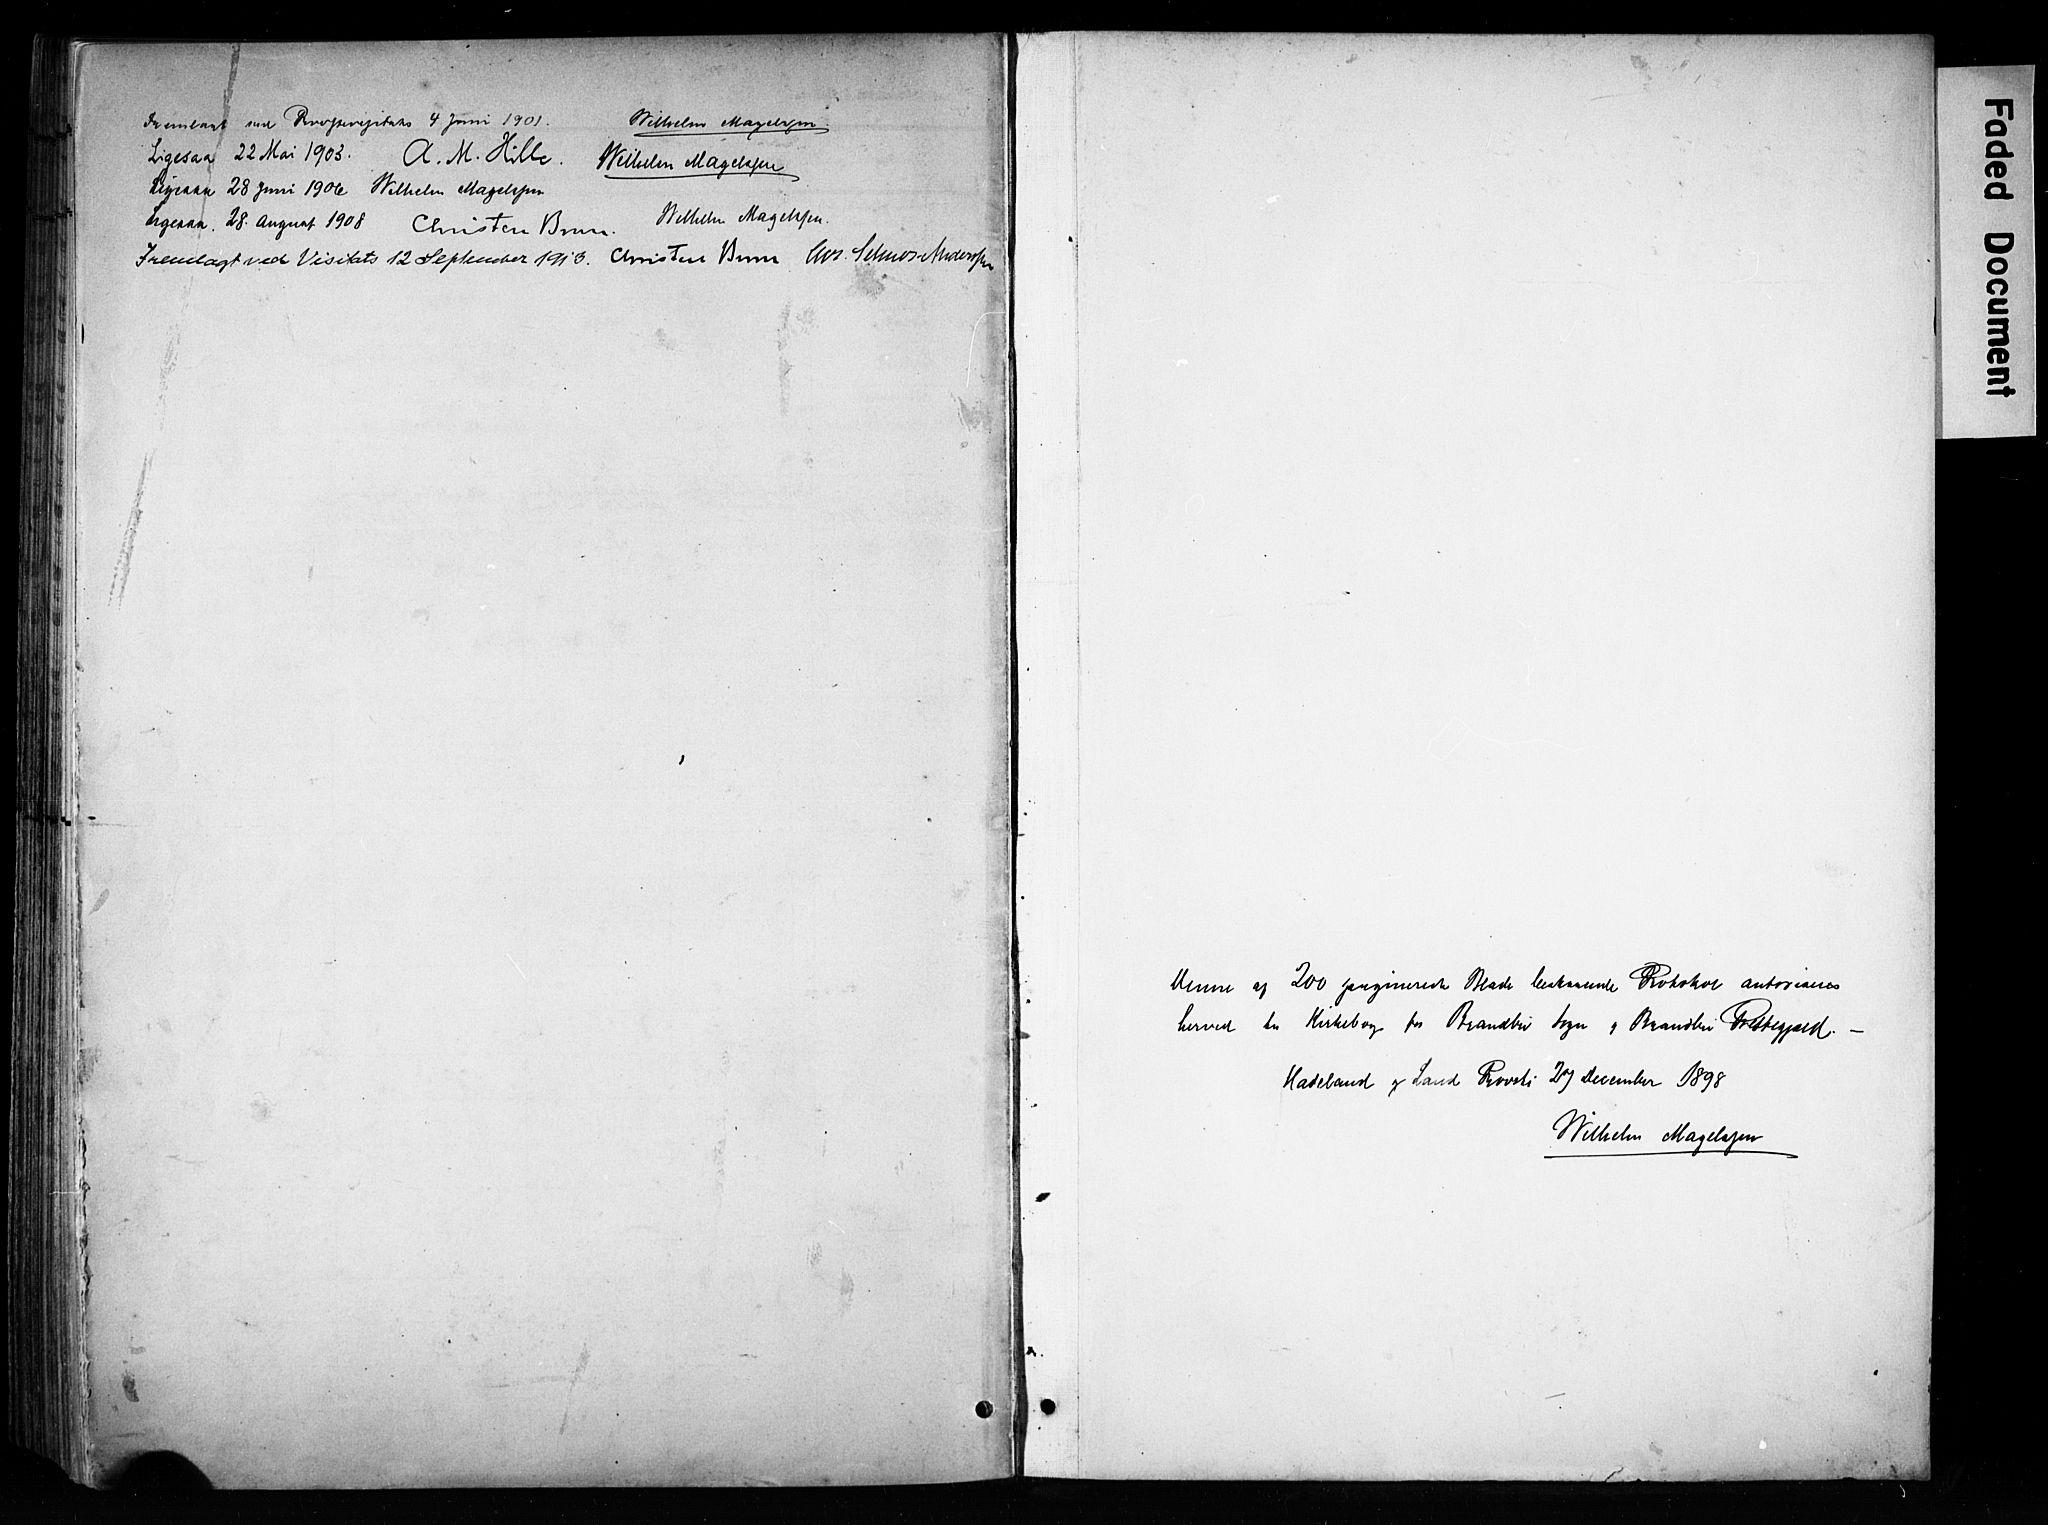 SAH, Brandbu prestekontor, Ministerialbok nr. 1, 1900-1912, s. 201